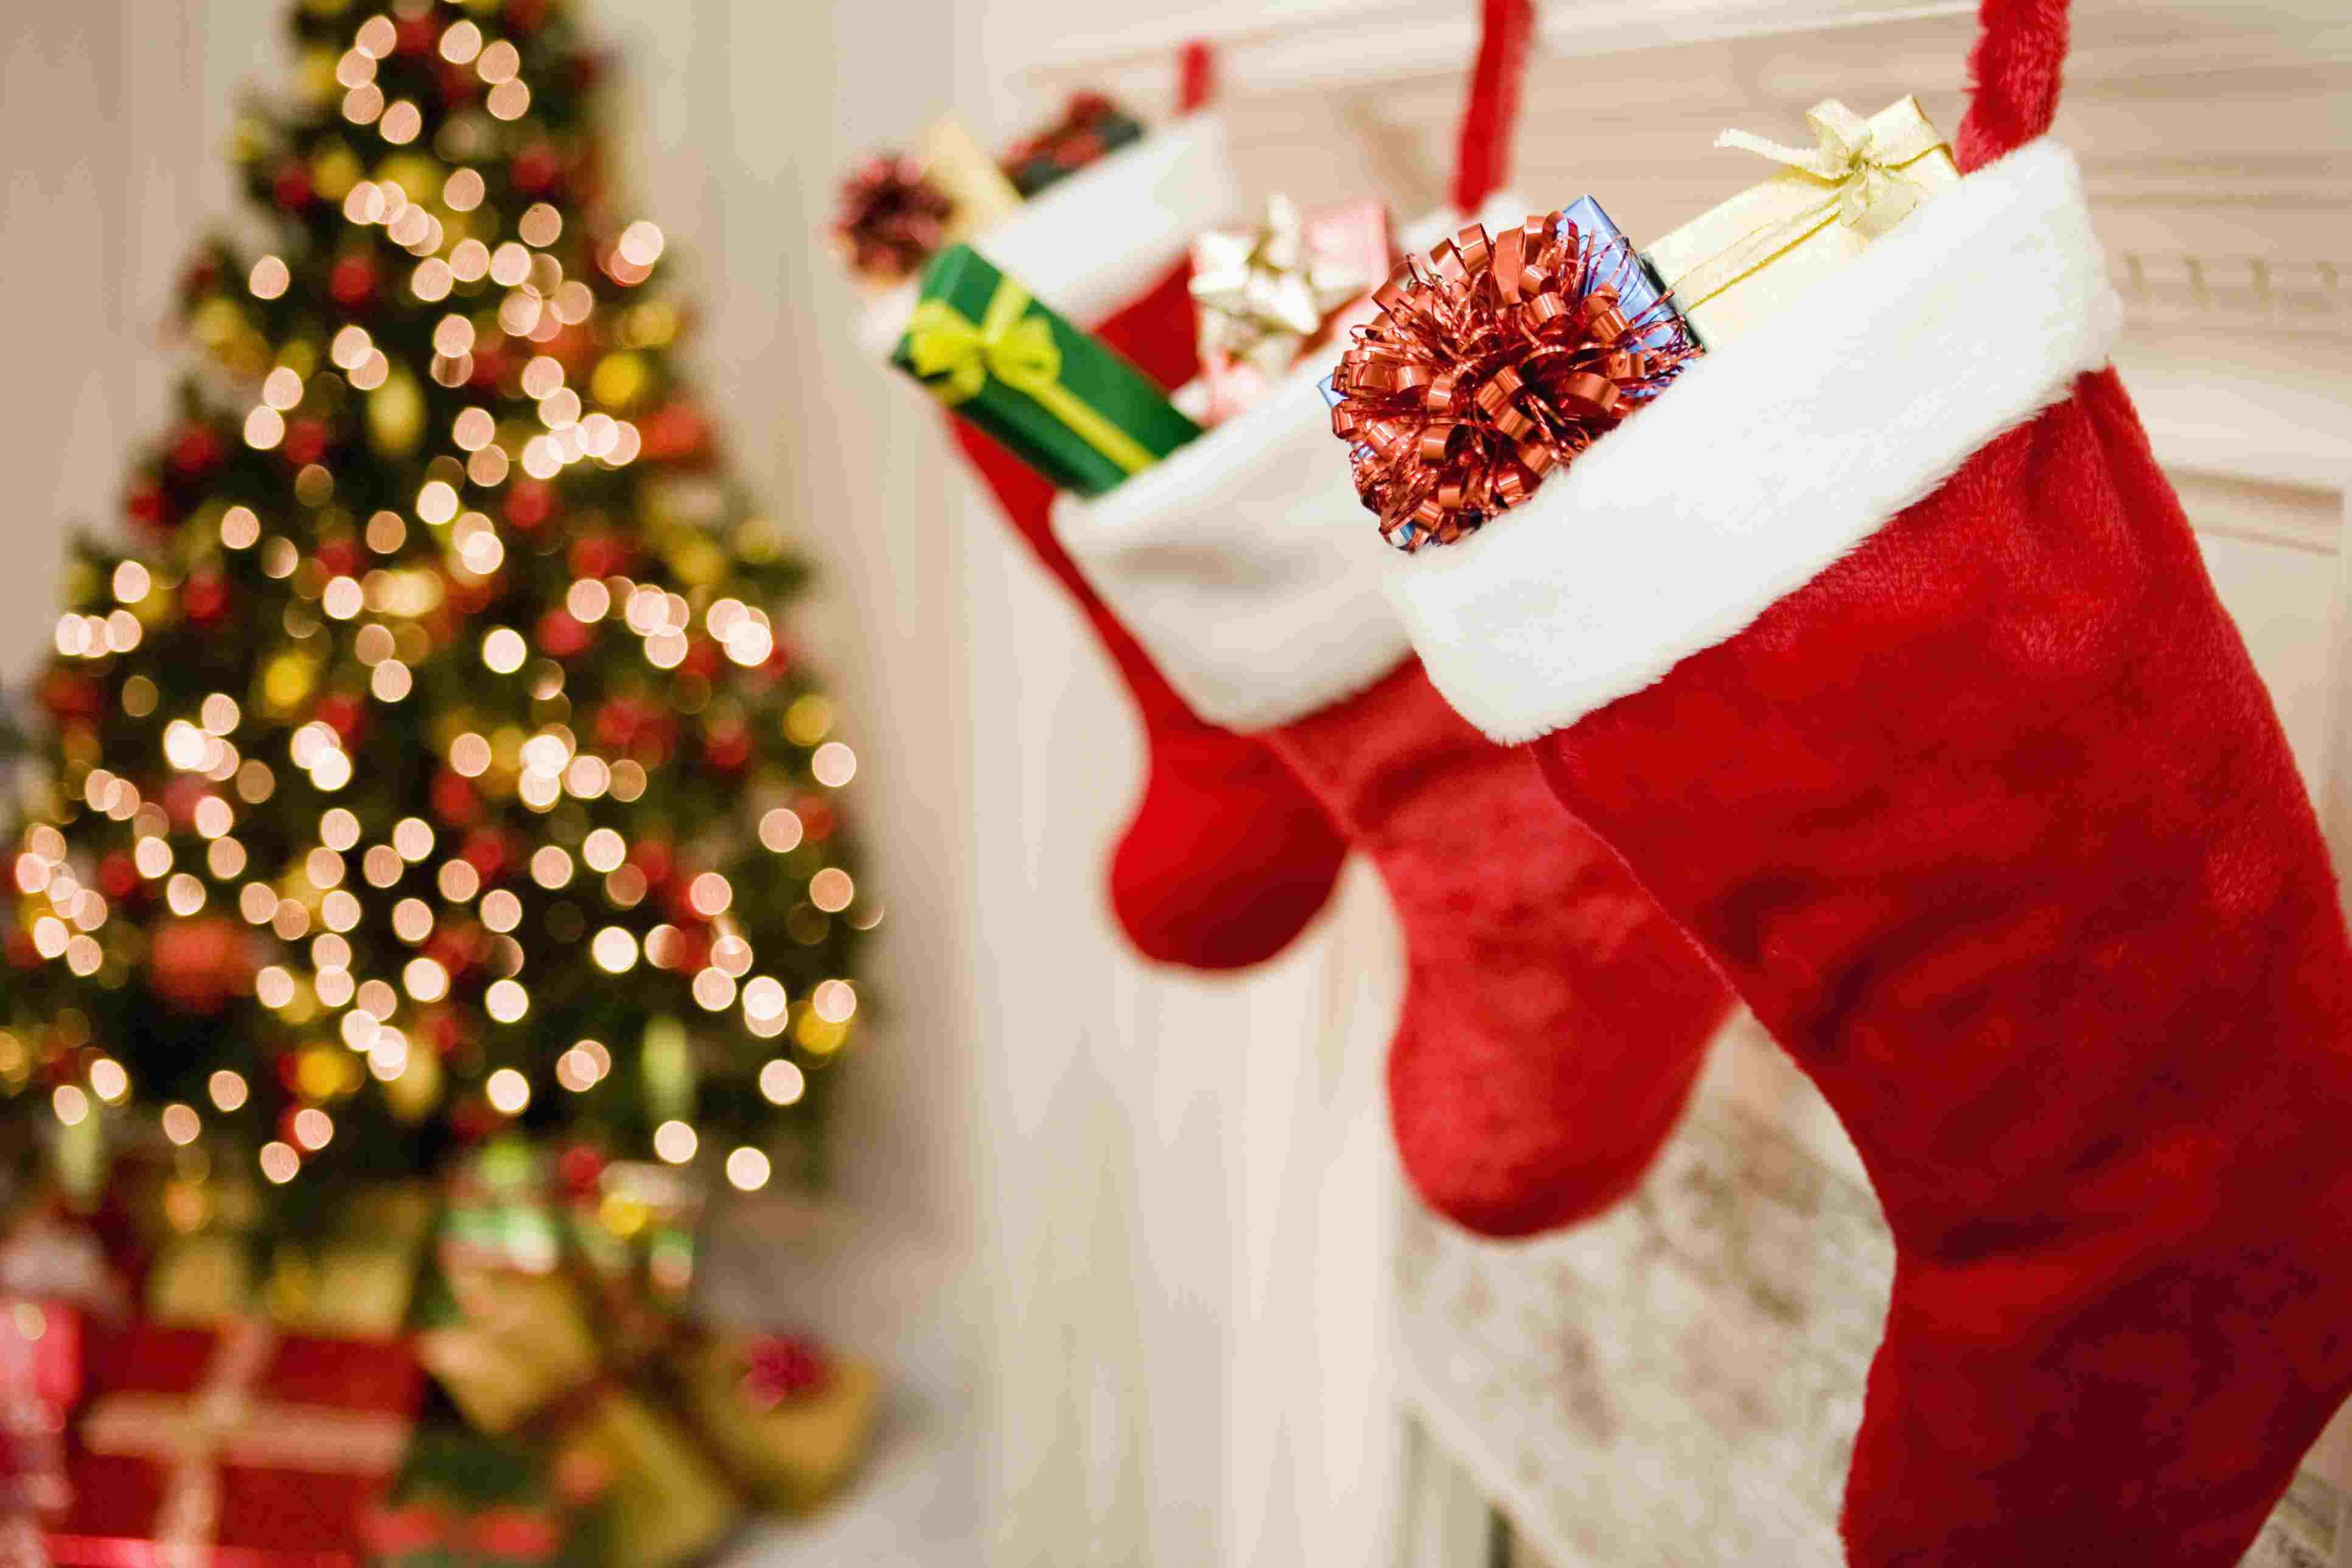 Christmas stocking stuffer ideas for kids